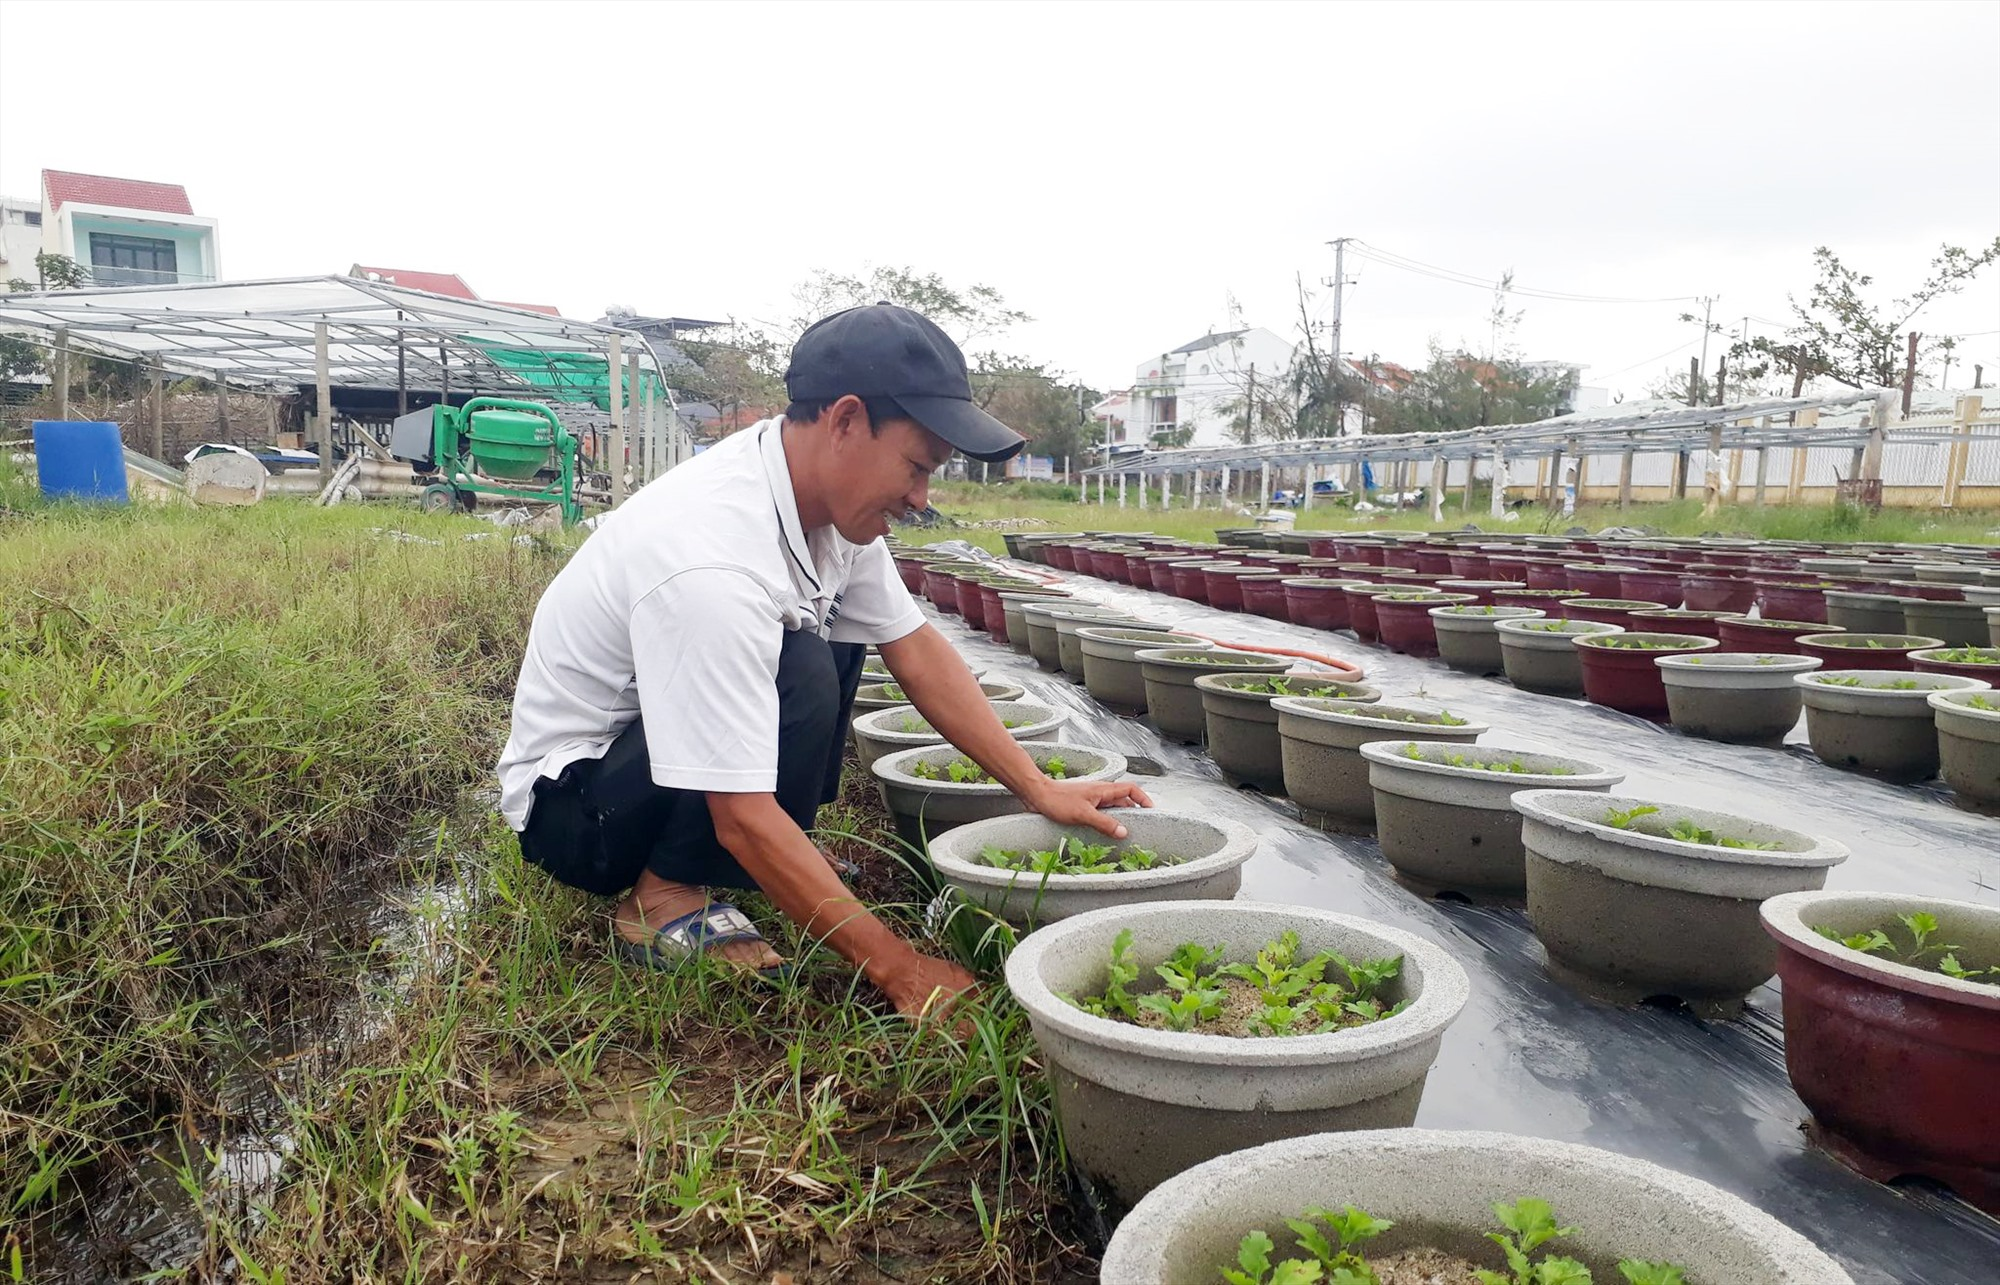 Ông Đinh Phú Châu (KP. Sơn Phô 1) đang làm cỏ cho vườn hoa cúc của mình với hi vọng có ít hoa bán phục vụ tết sau 2 lần trồng thất bại do mưa bão.